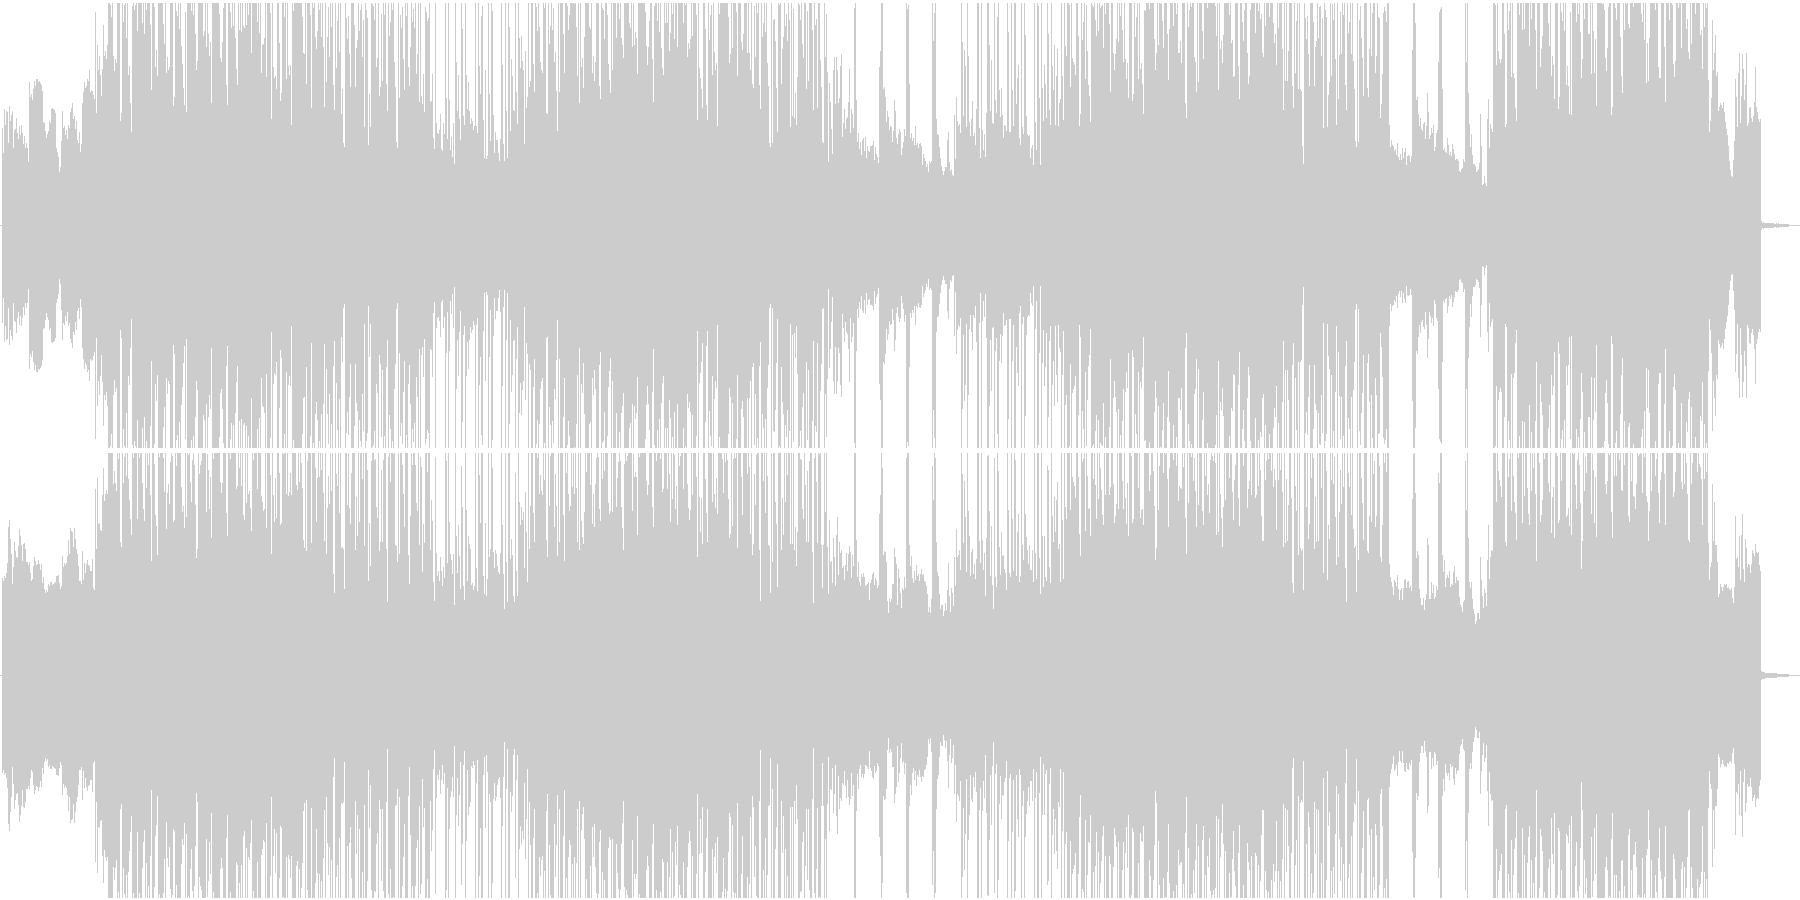 ダークでインダストリアルな雰囲気の未再生の波形